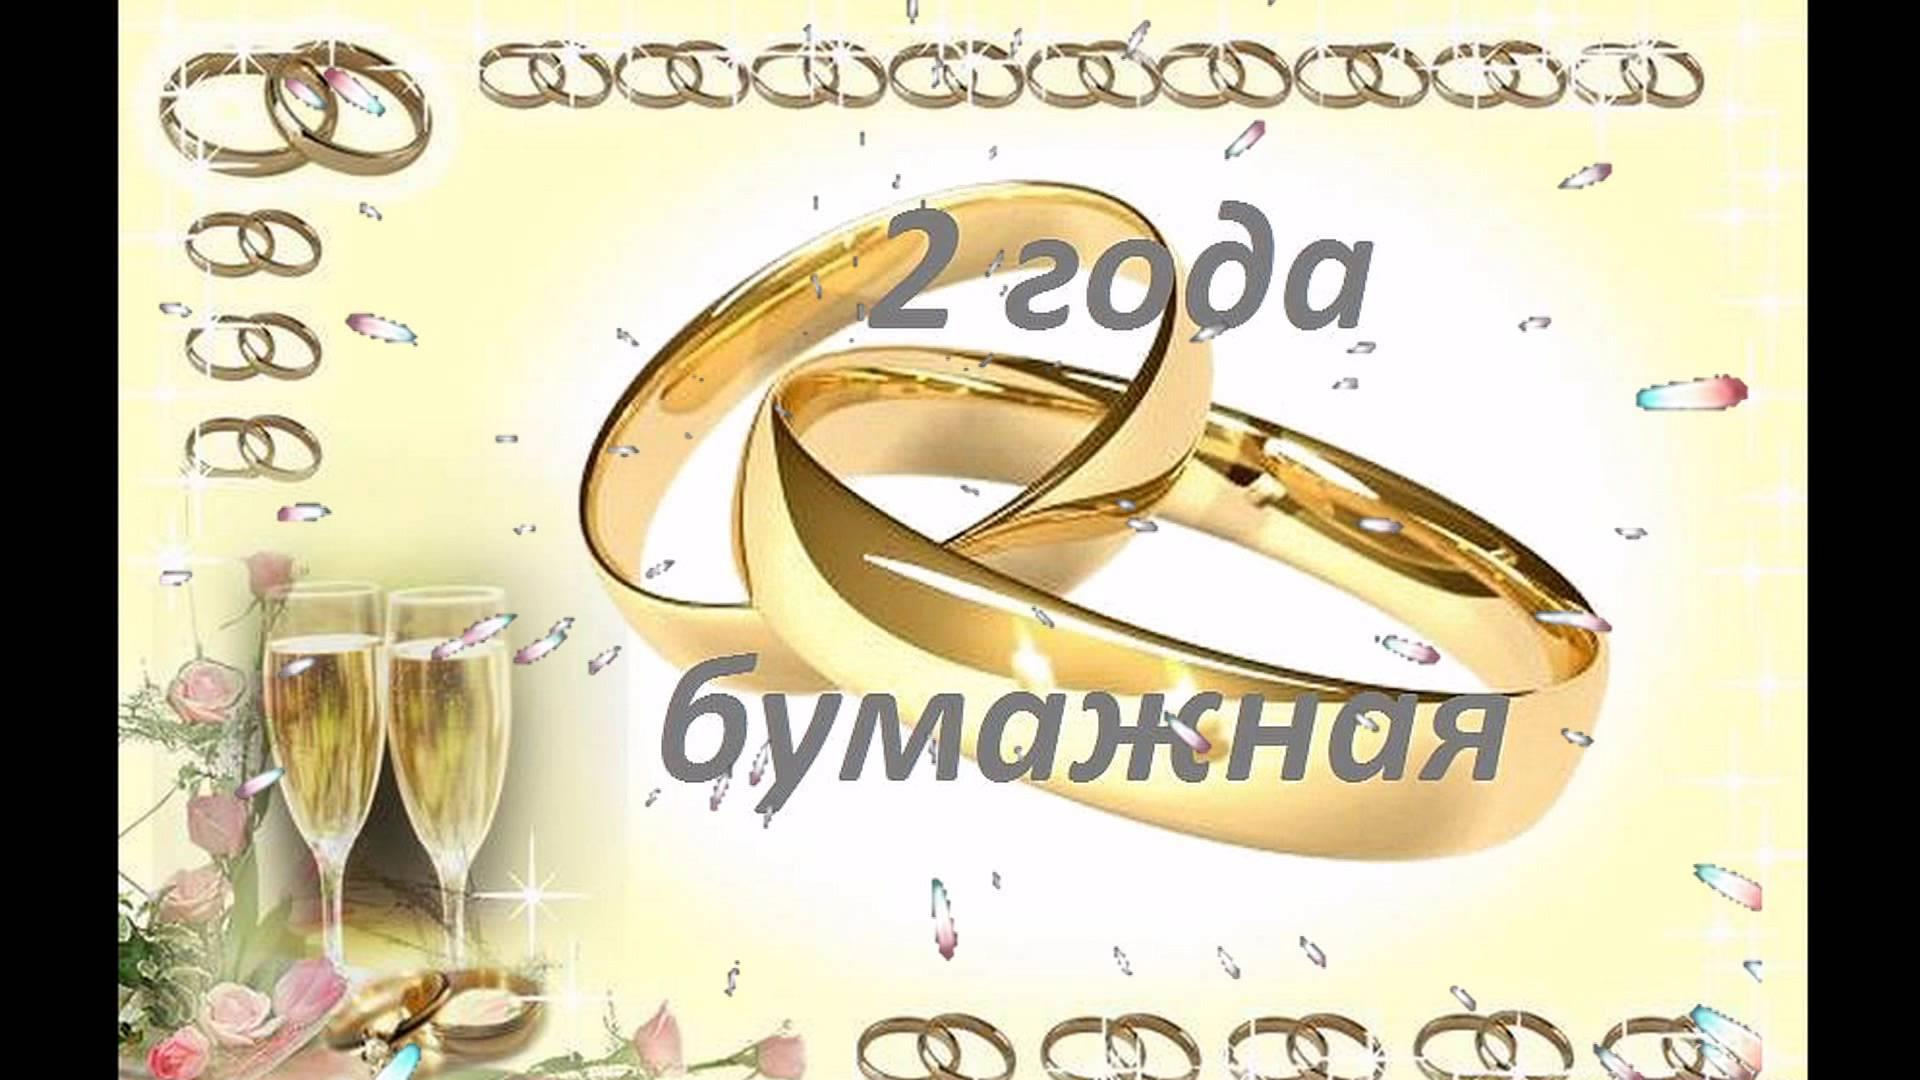 Бумажная свадьба поздравления мужу от жены прикольные короткие фото 920